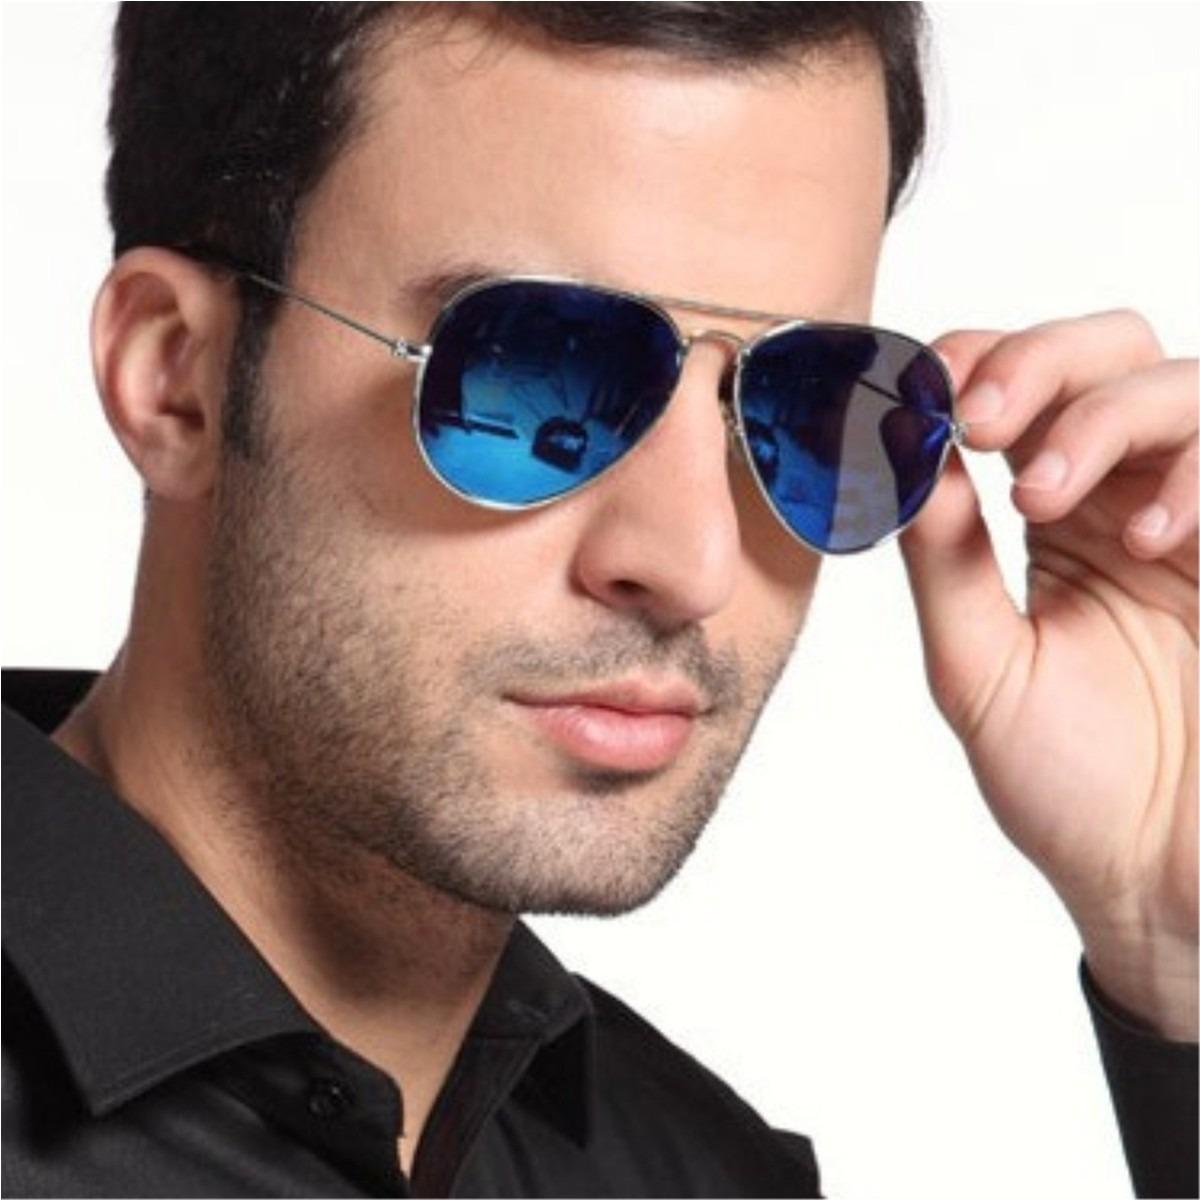 e4a7dfc7ced31 óculos de sol aviador espelhado lindo unisex top qualidade. Carregando zoom.